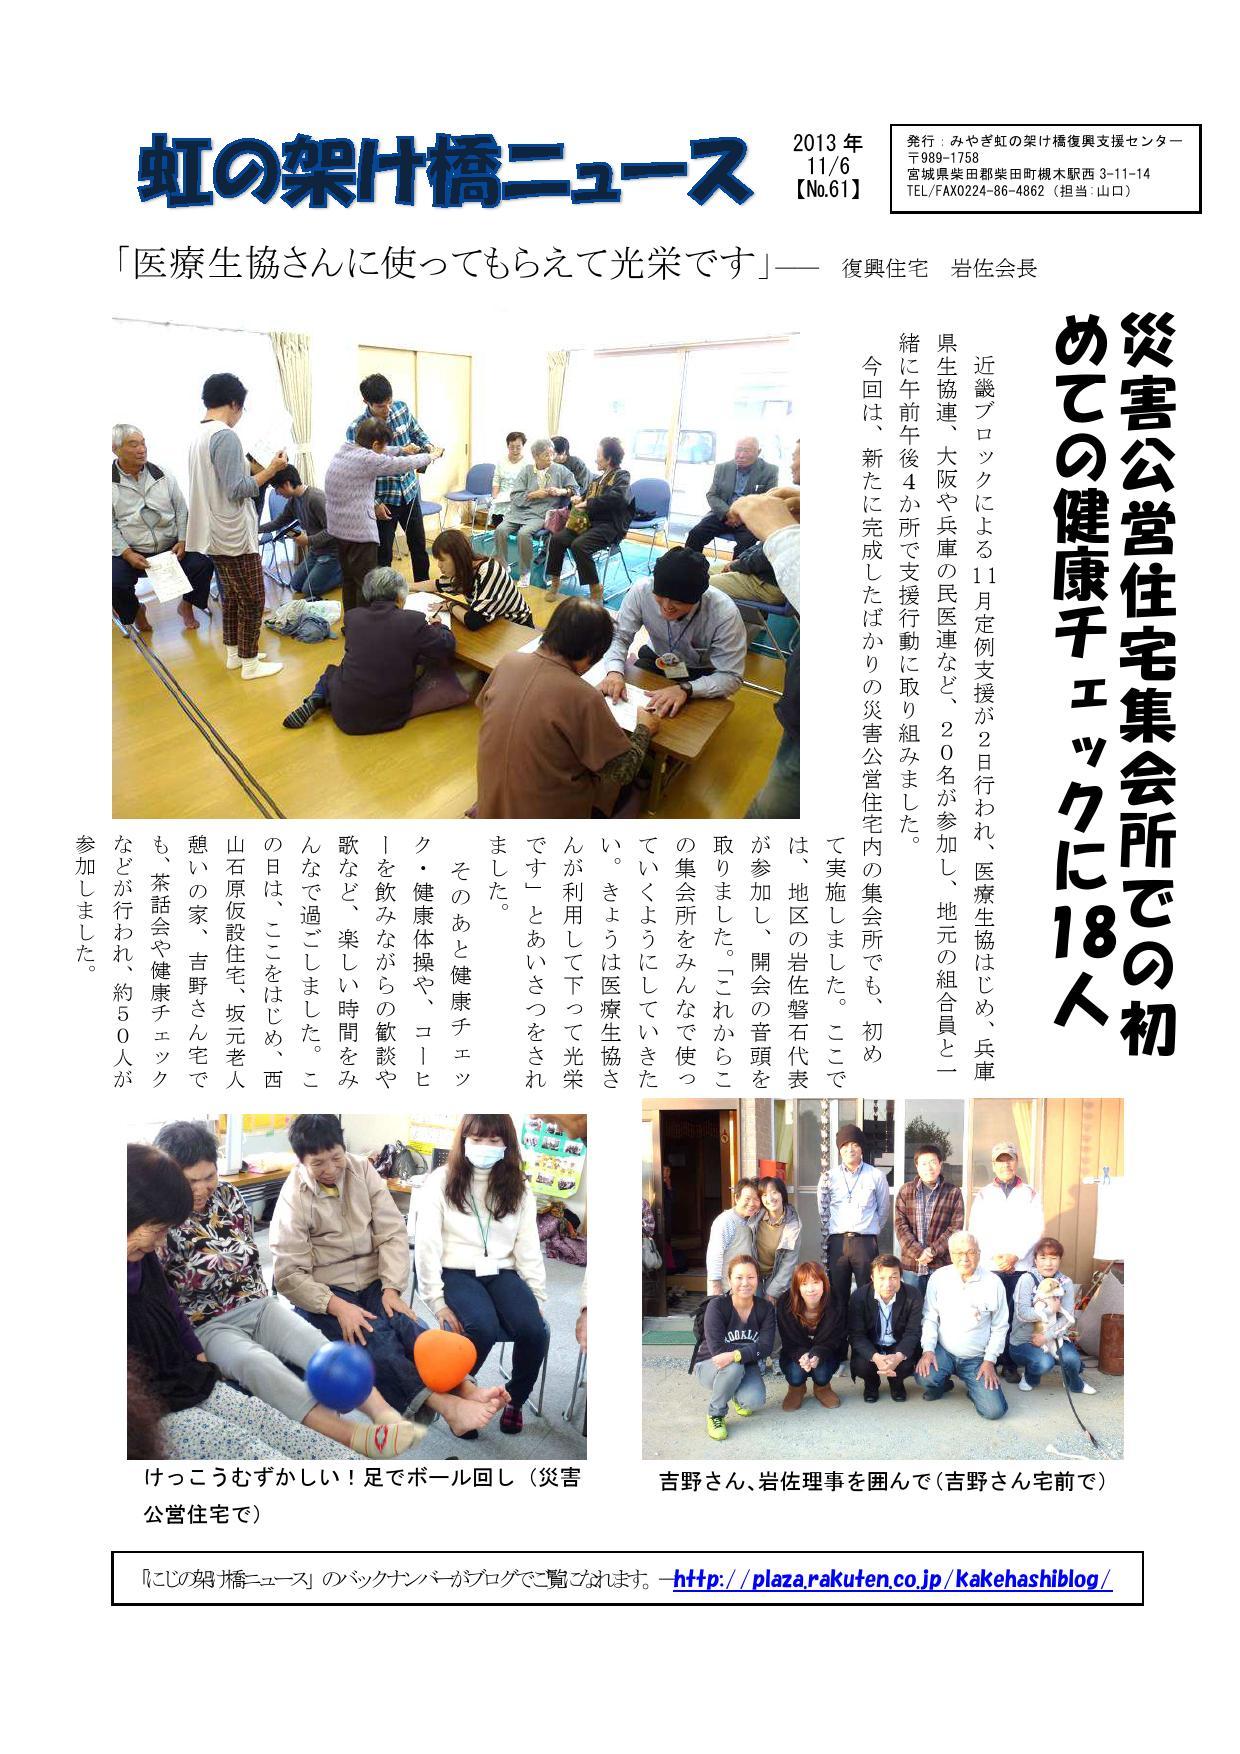 虹の架け橋ニュース61.jpg